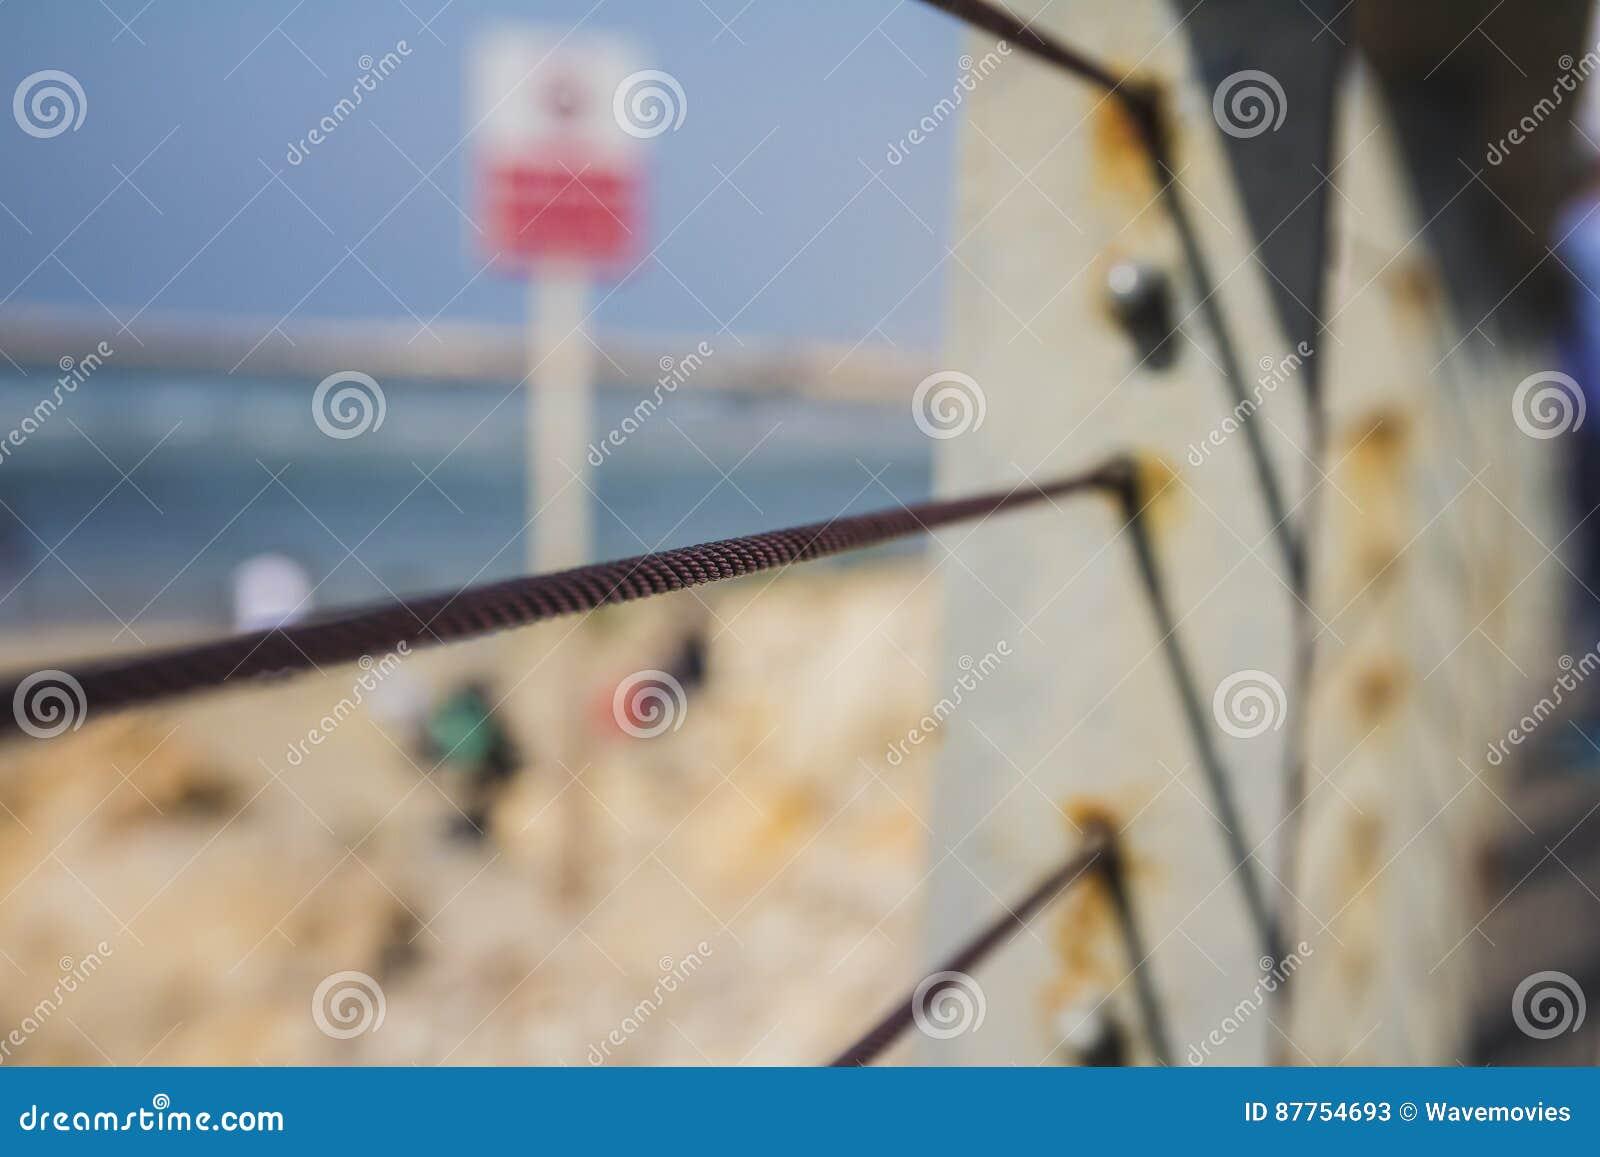 Cerca do metal do fio que obstrui a praia